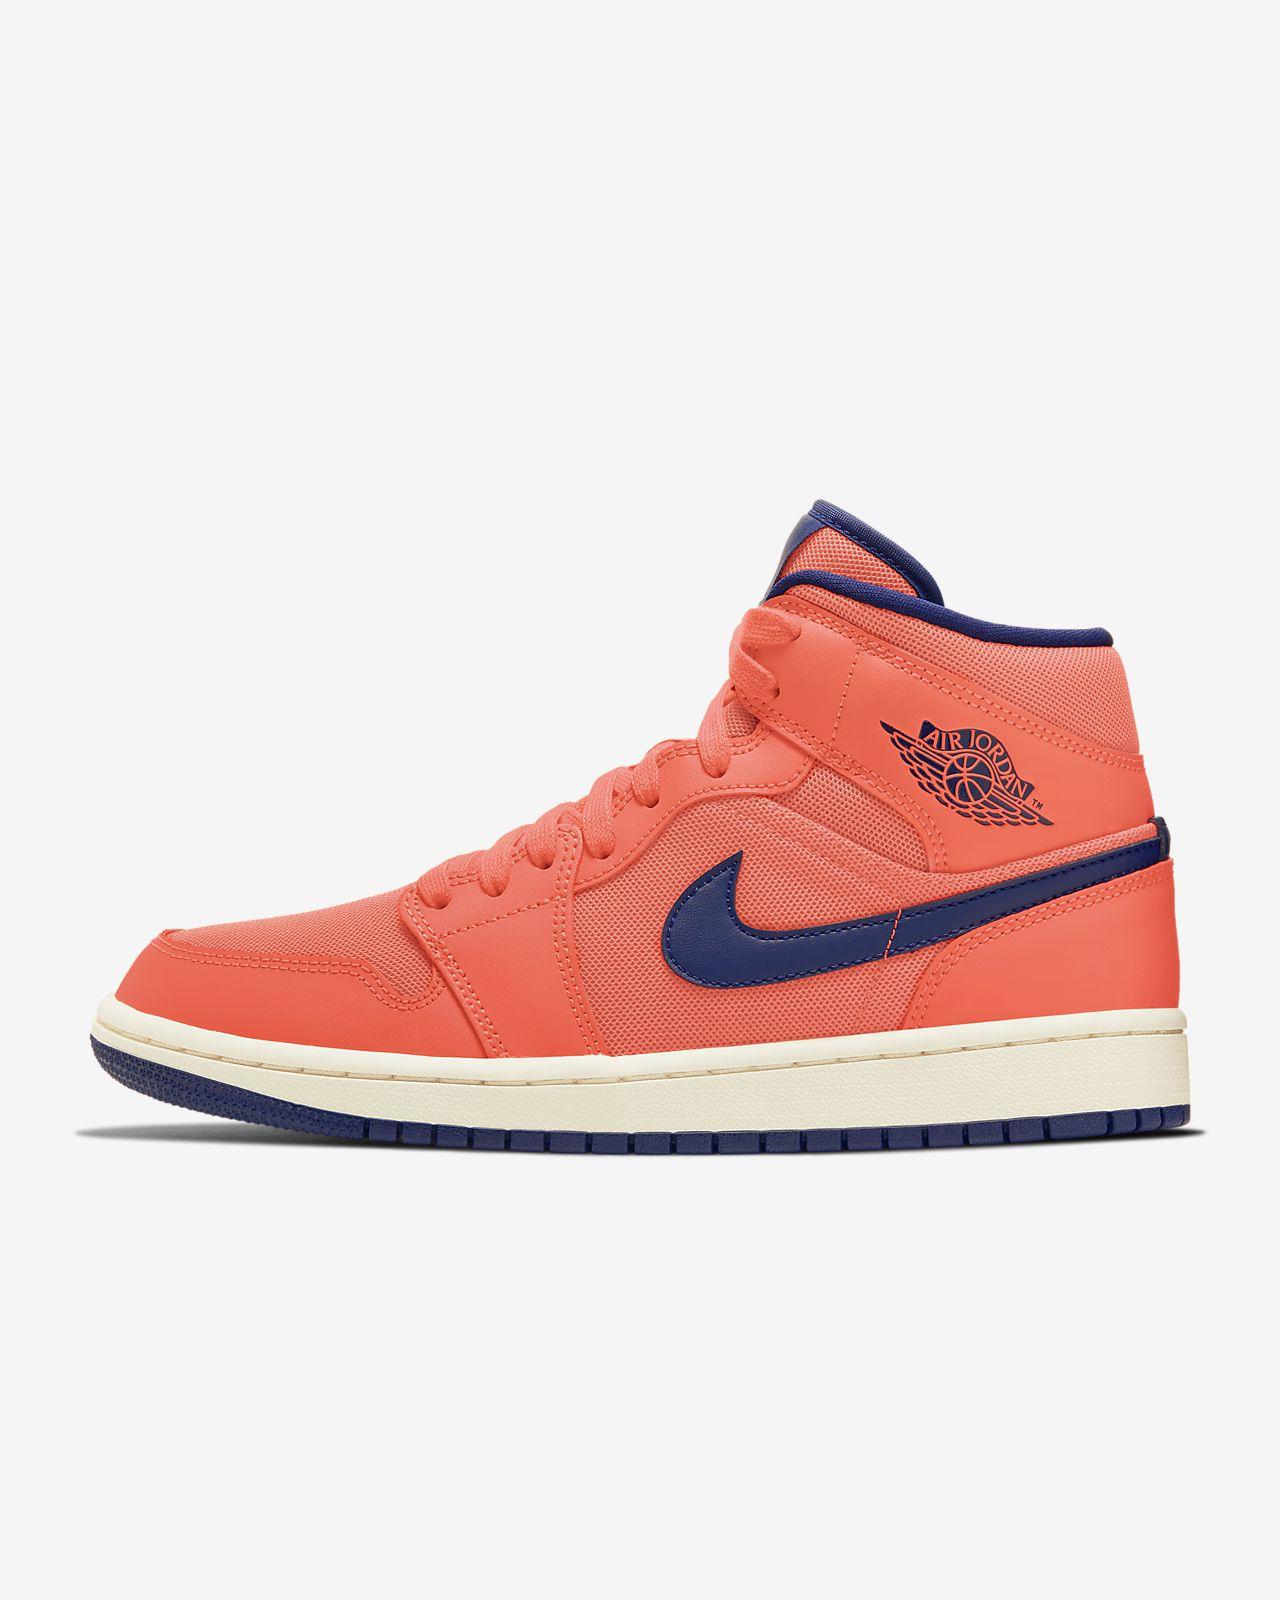 Jordan Mid Chaussure Pour Femme Air 1 n8wmvN0O